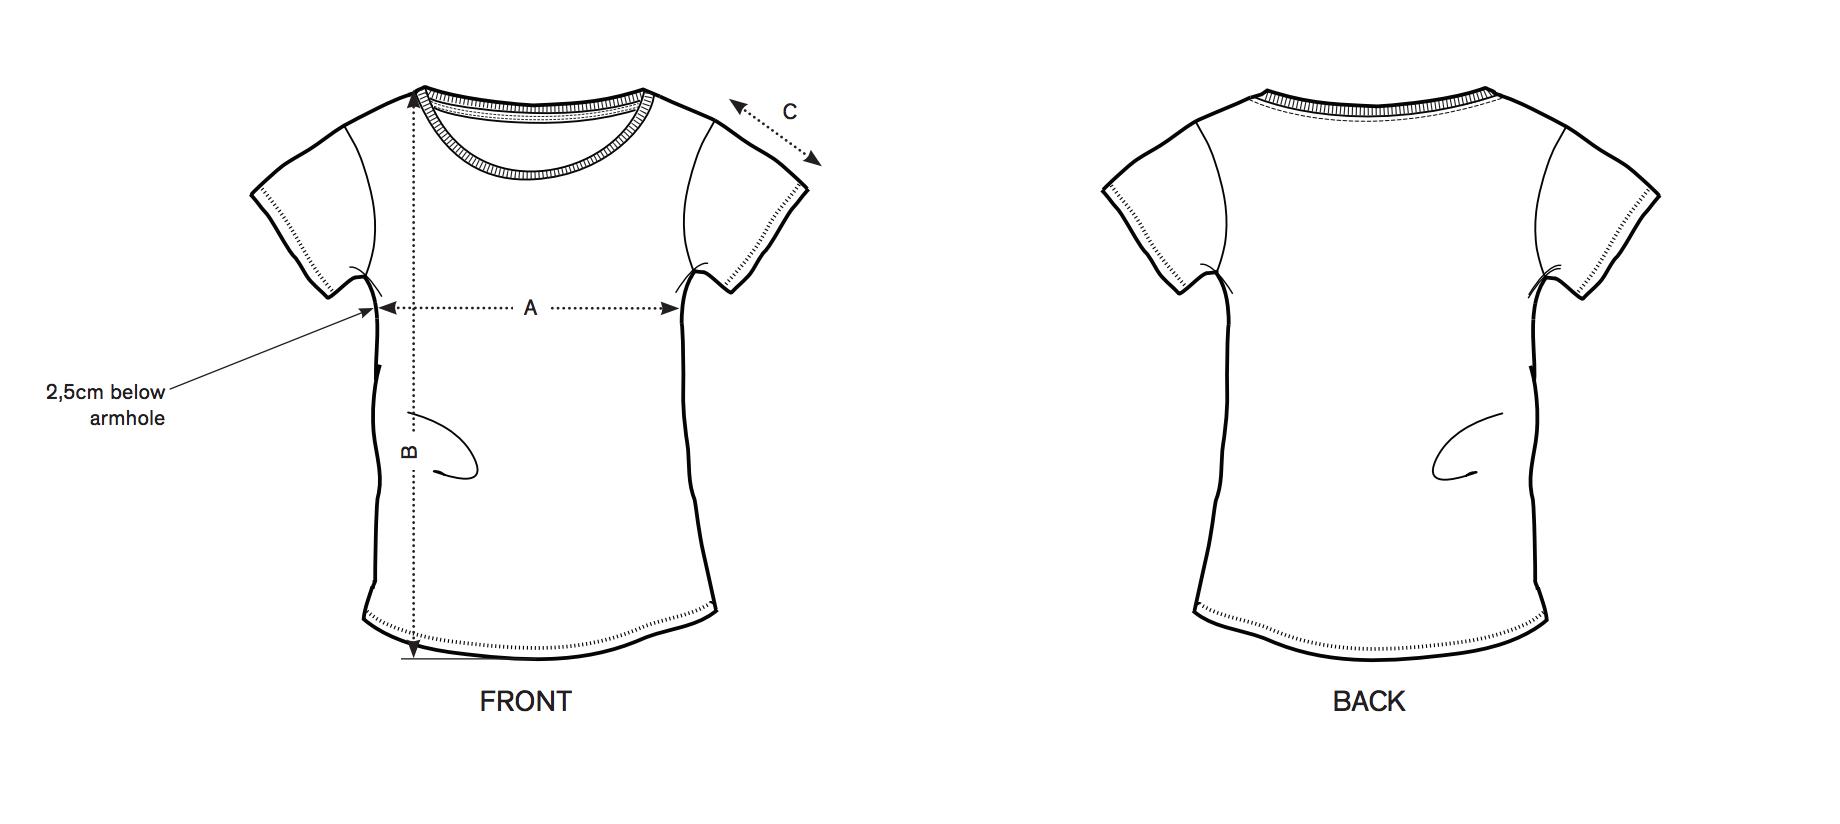 shirt_sizing